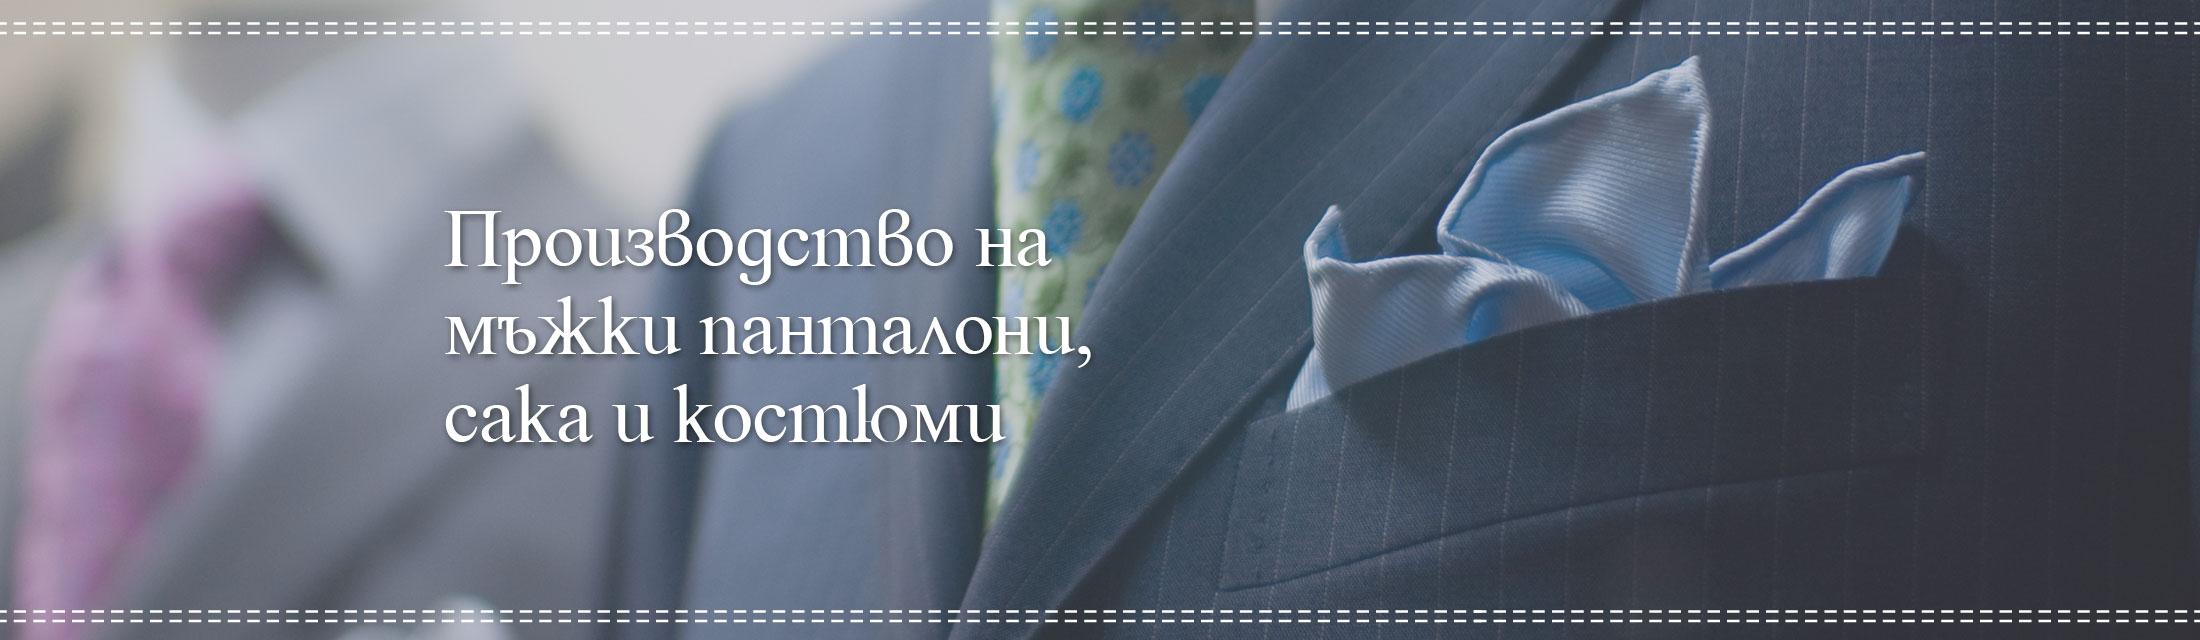 Производство на мъжки панталони, сака и костюми